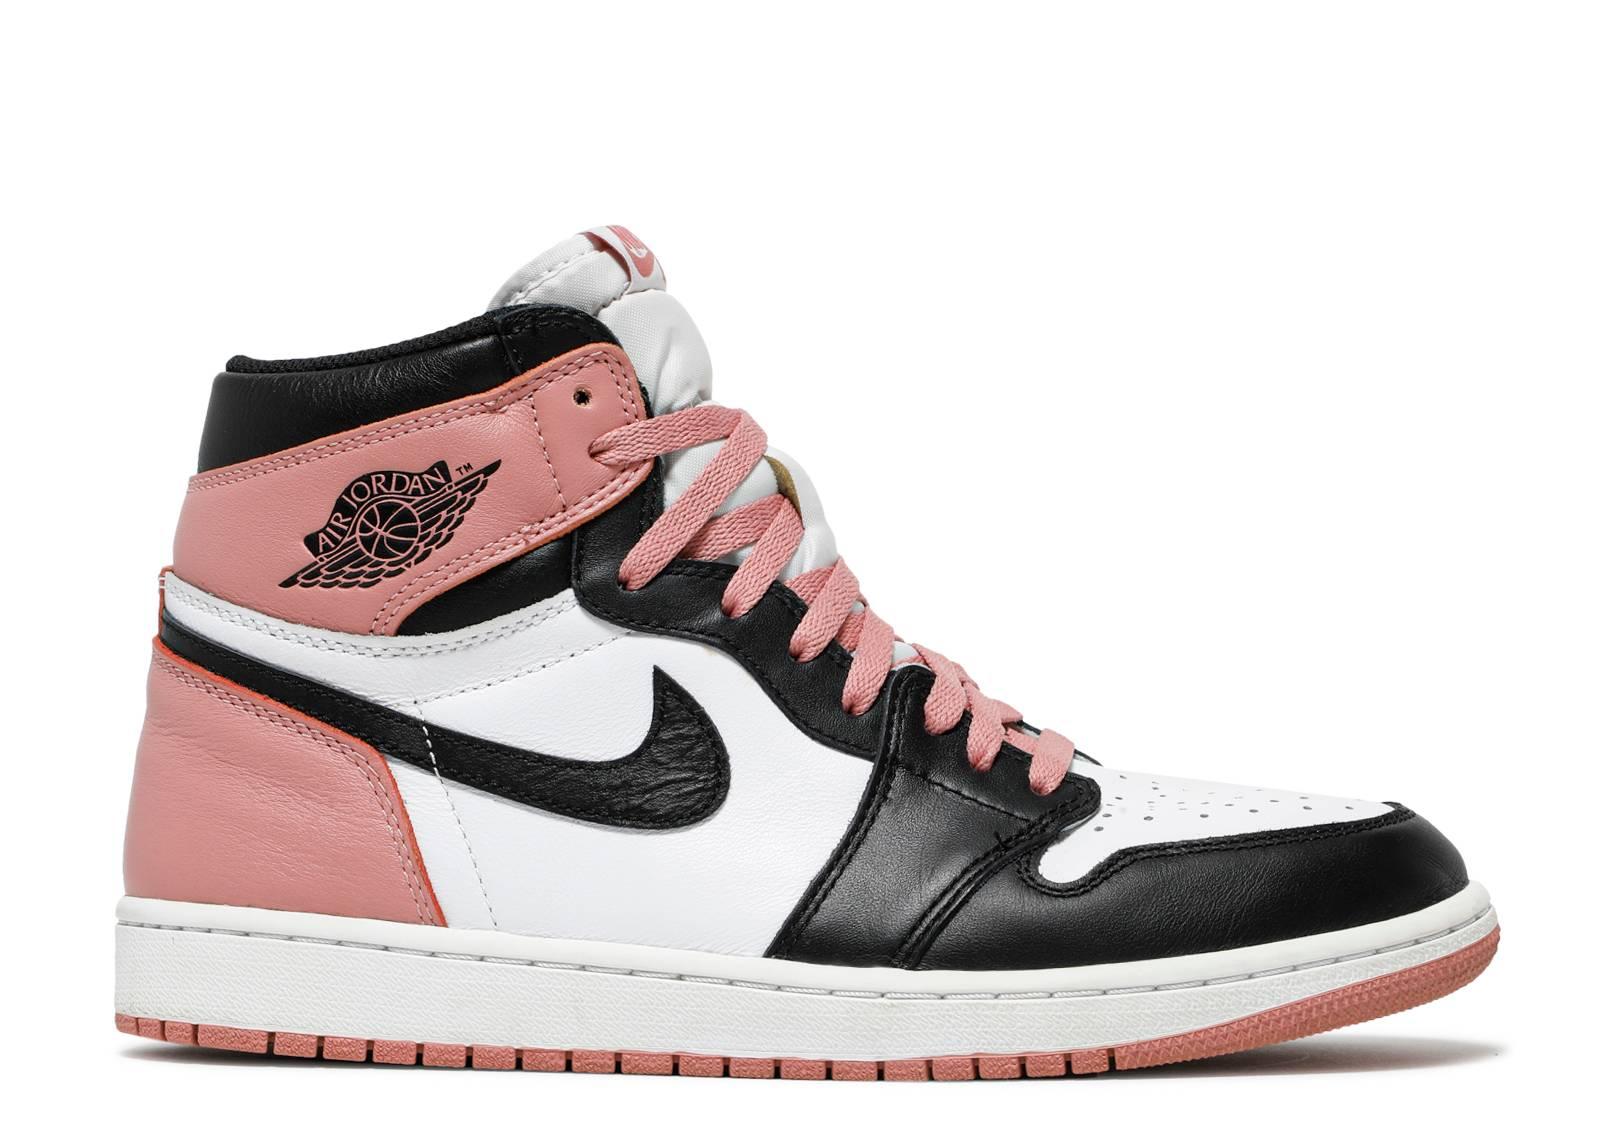 Air Jordan 1 Retro High Og Nrg Rust Pink Air Jordan